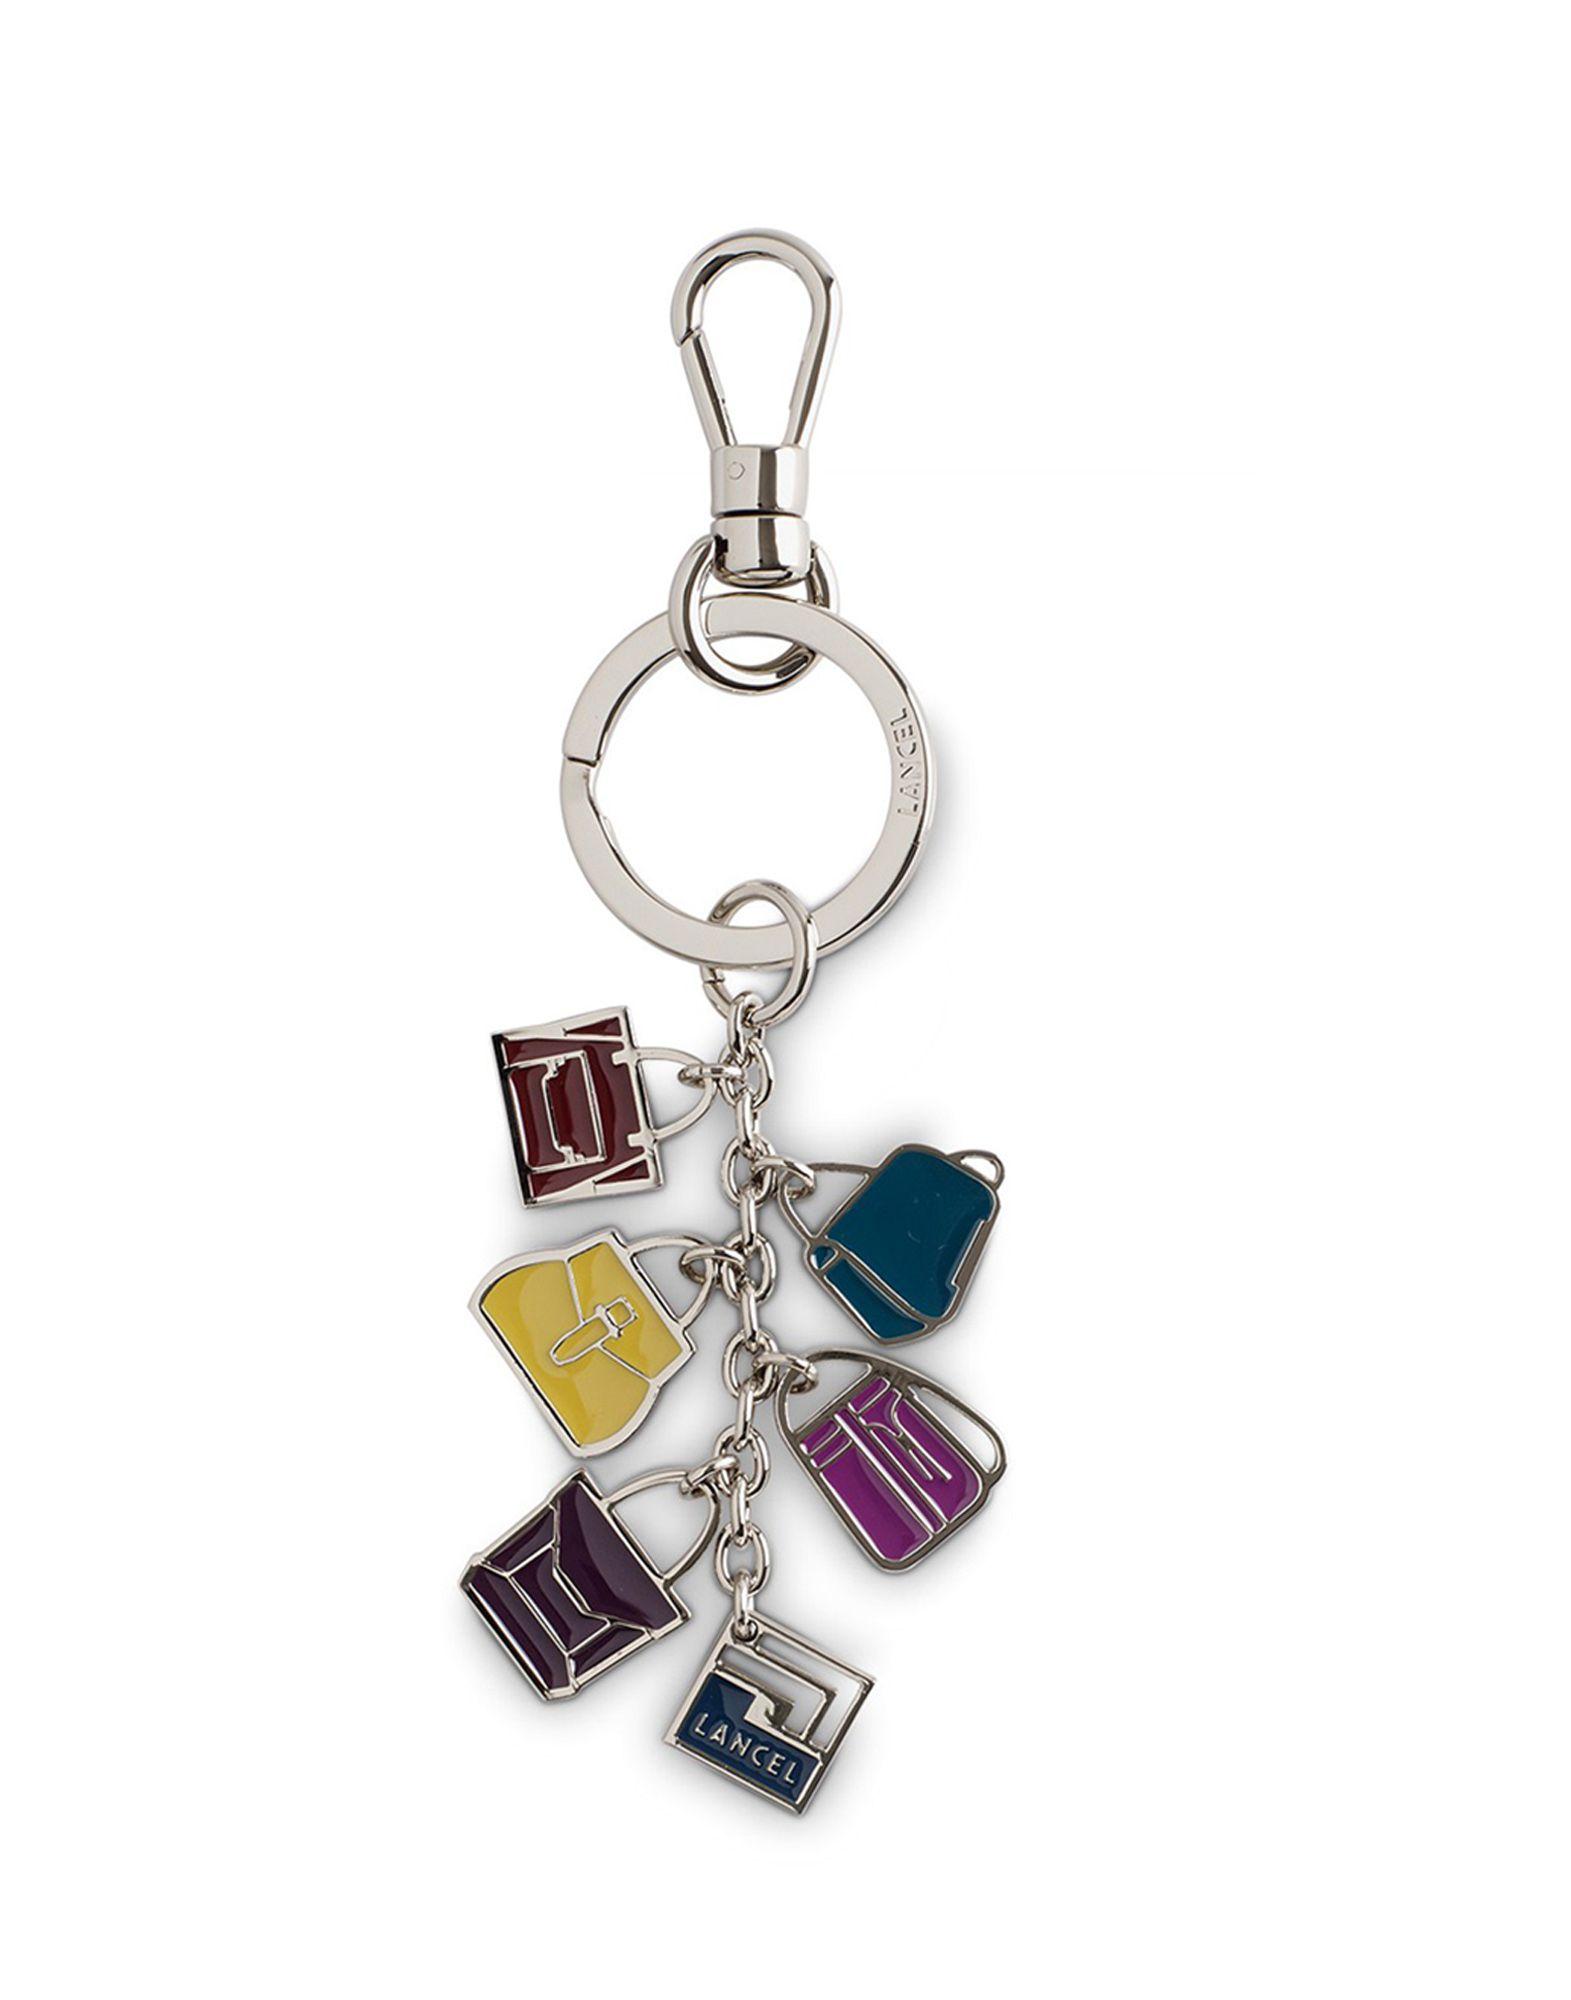 LANCEL Брелок для ключей брелок для поиска ключей в комплекте свисток цена